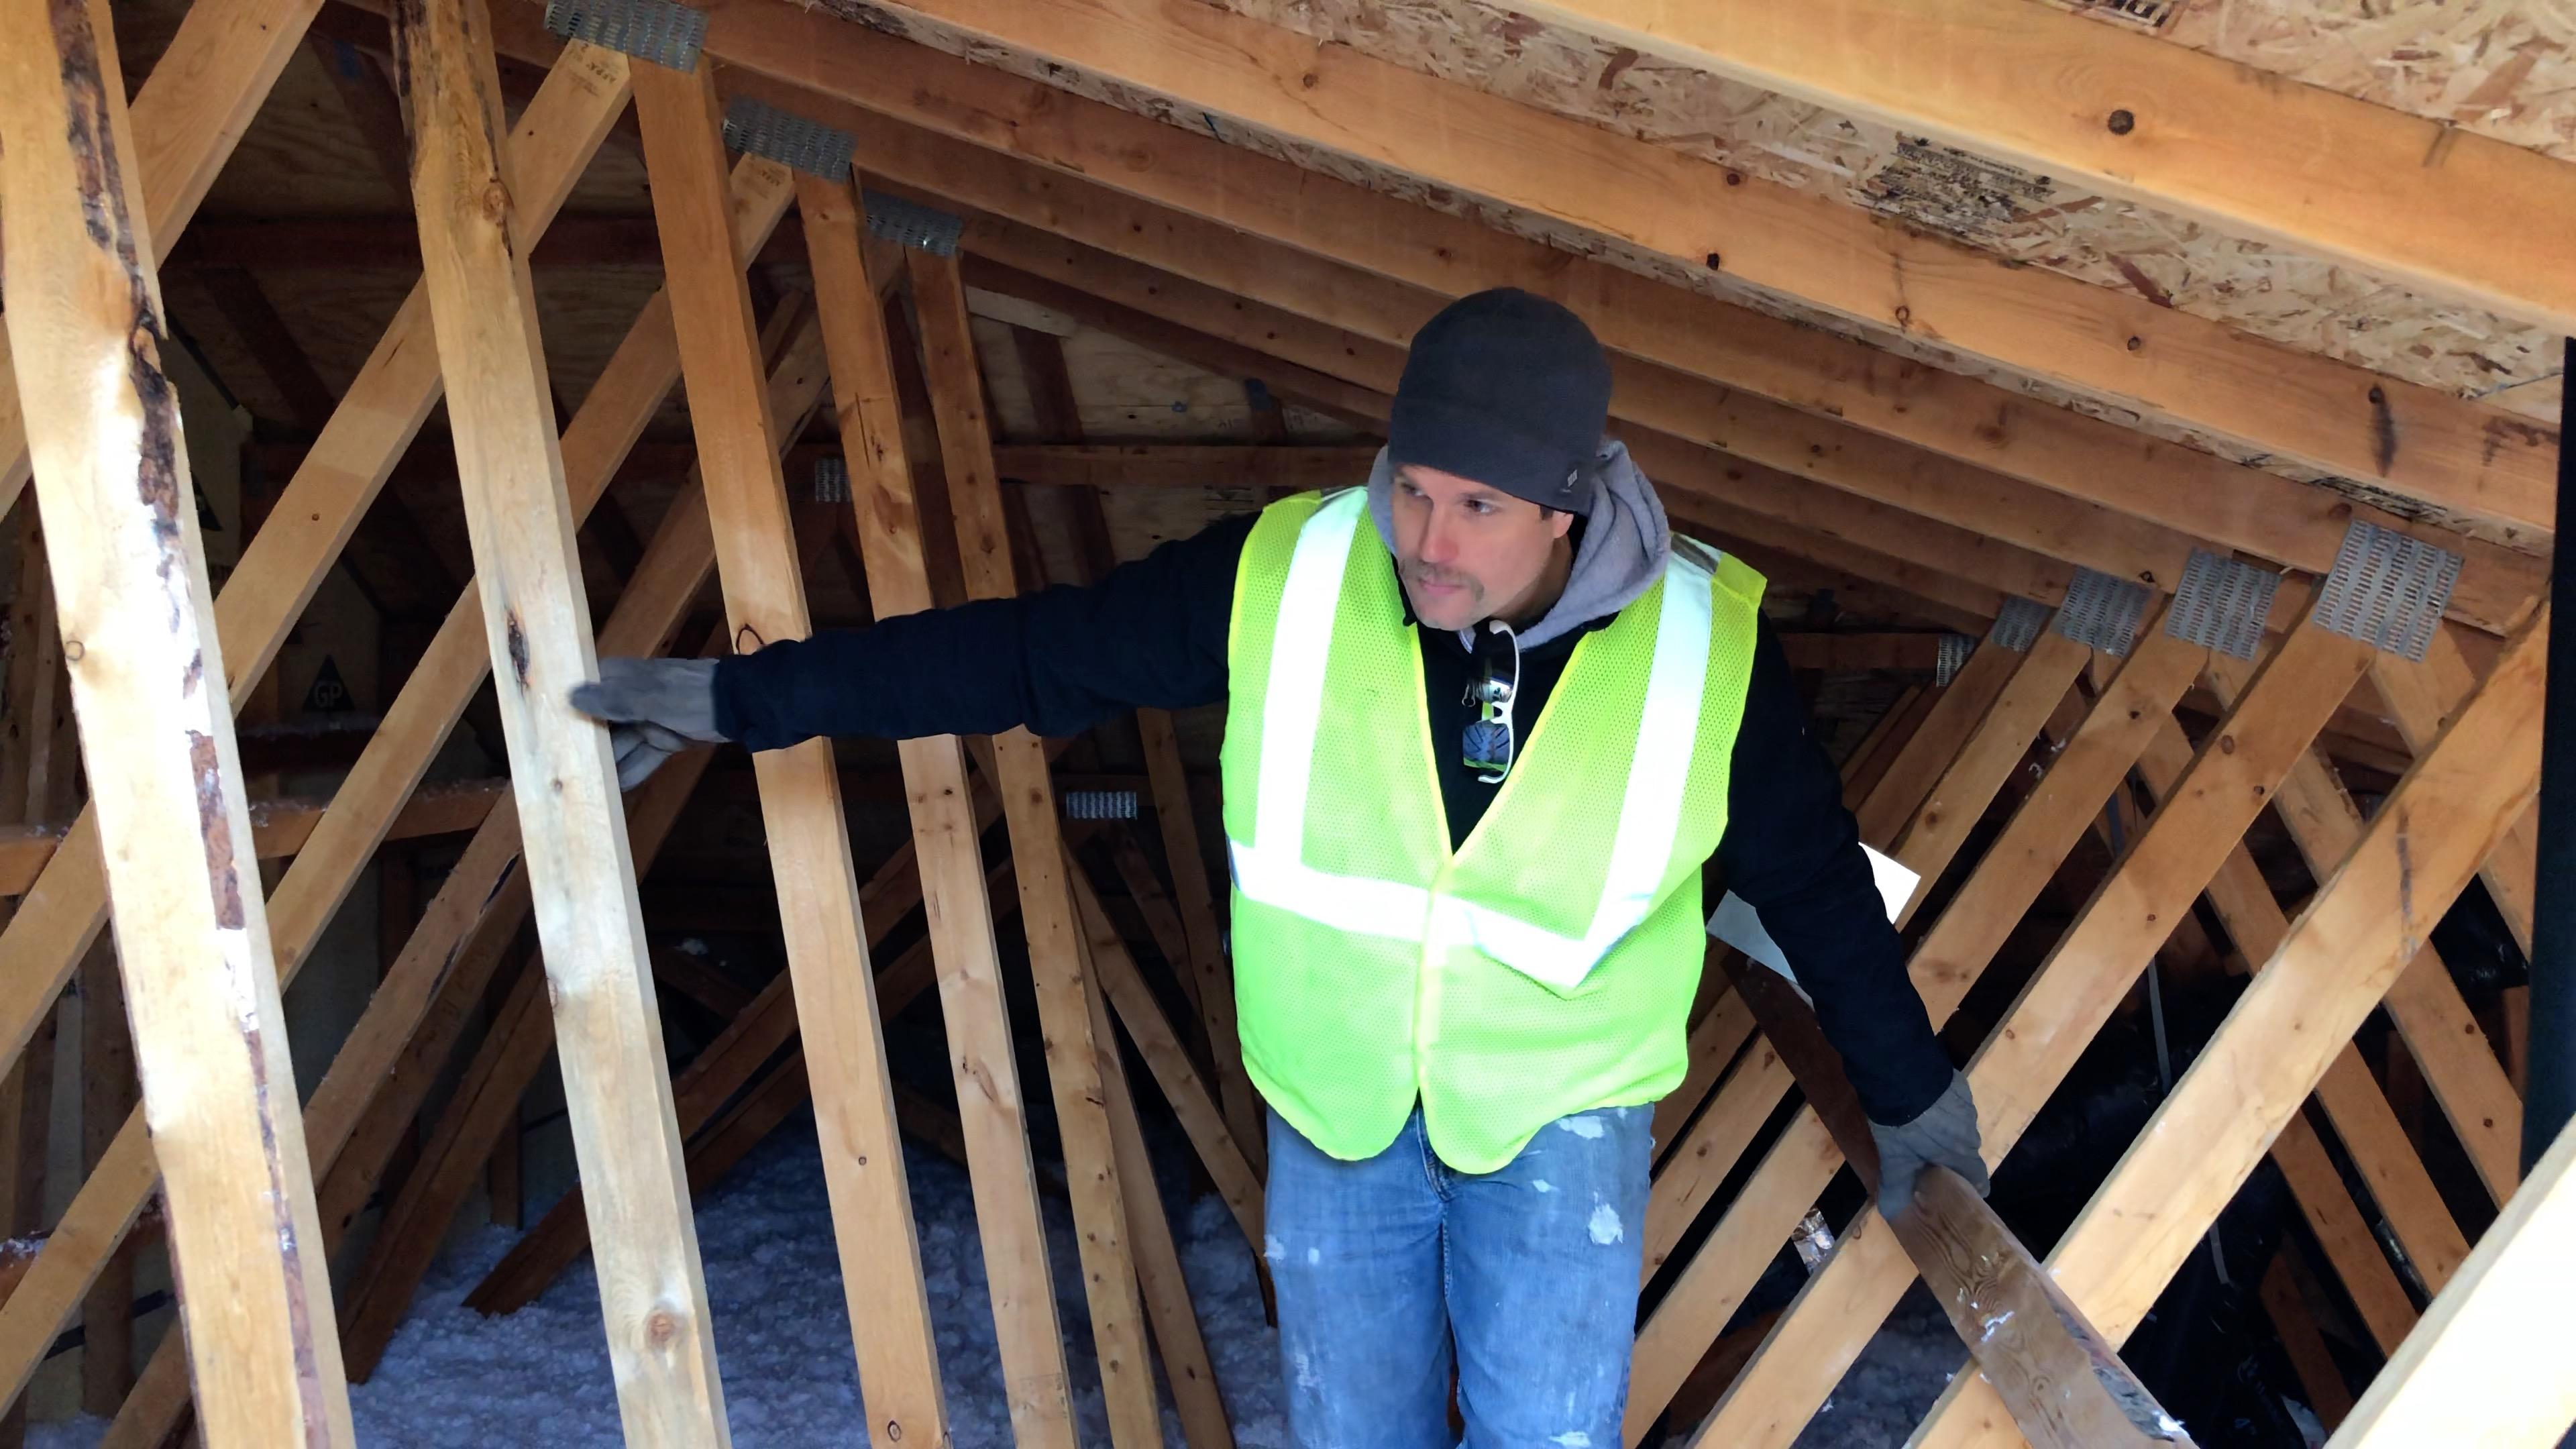 Attic Ventilation Inspection